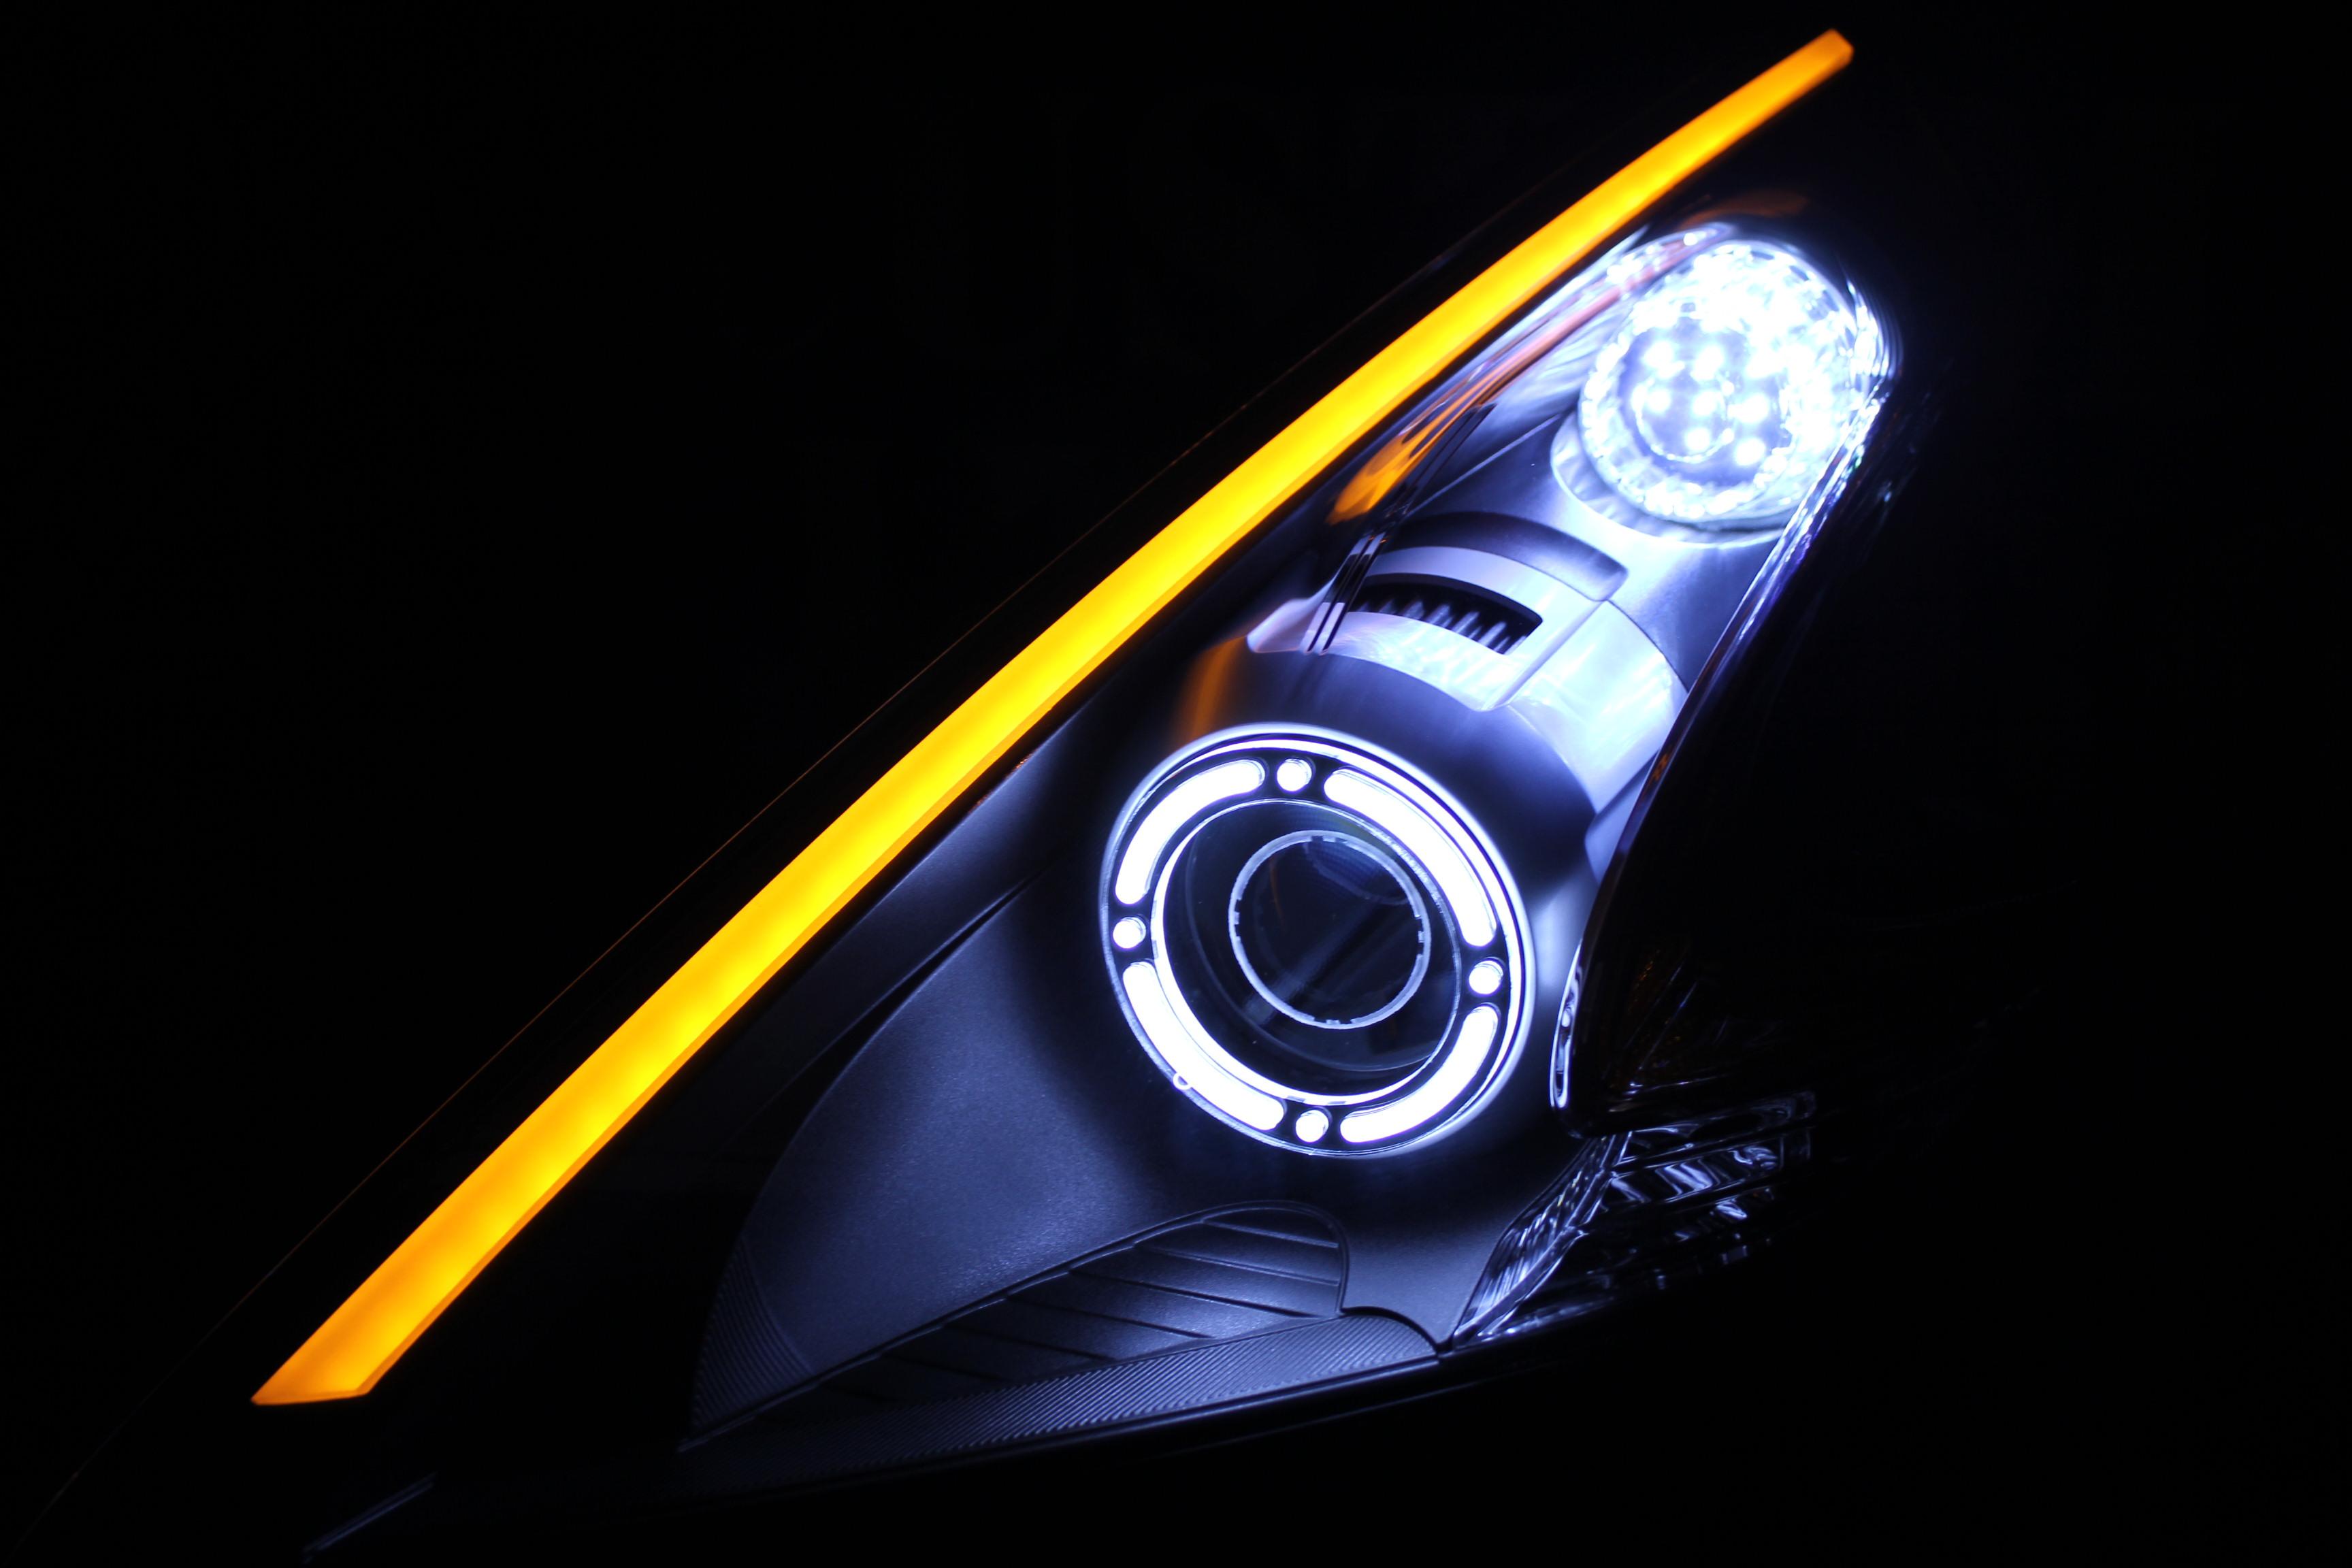 Z34 アクリル ヘッドライト加工